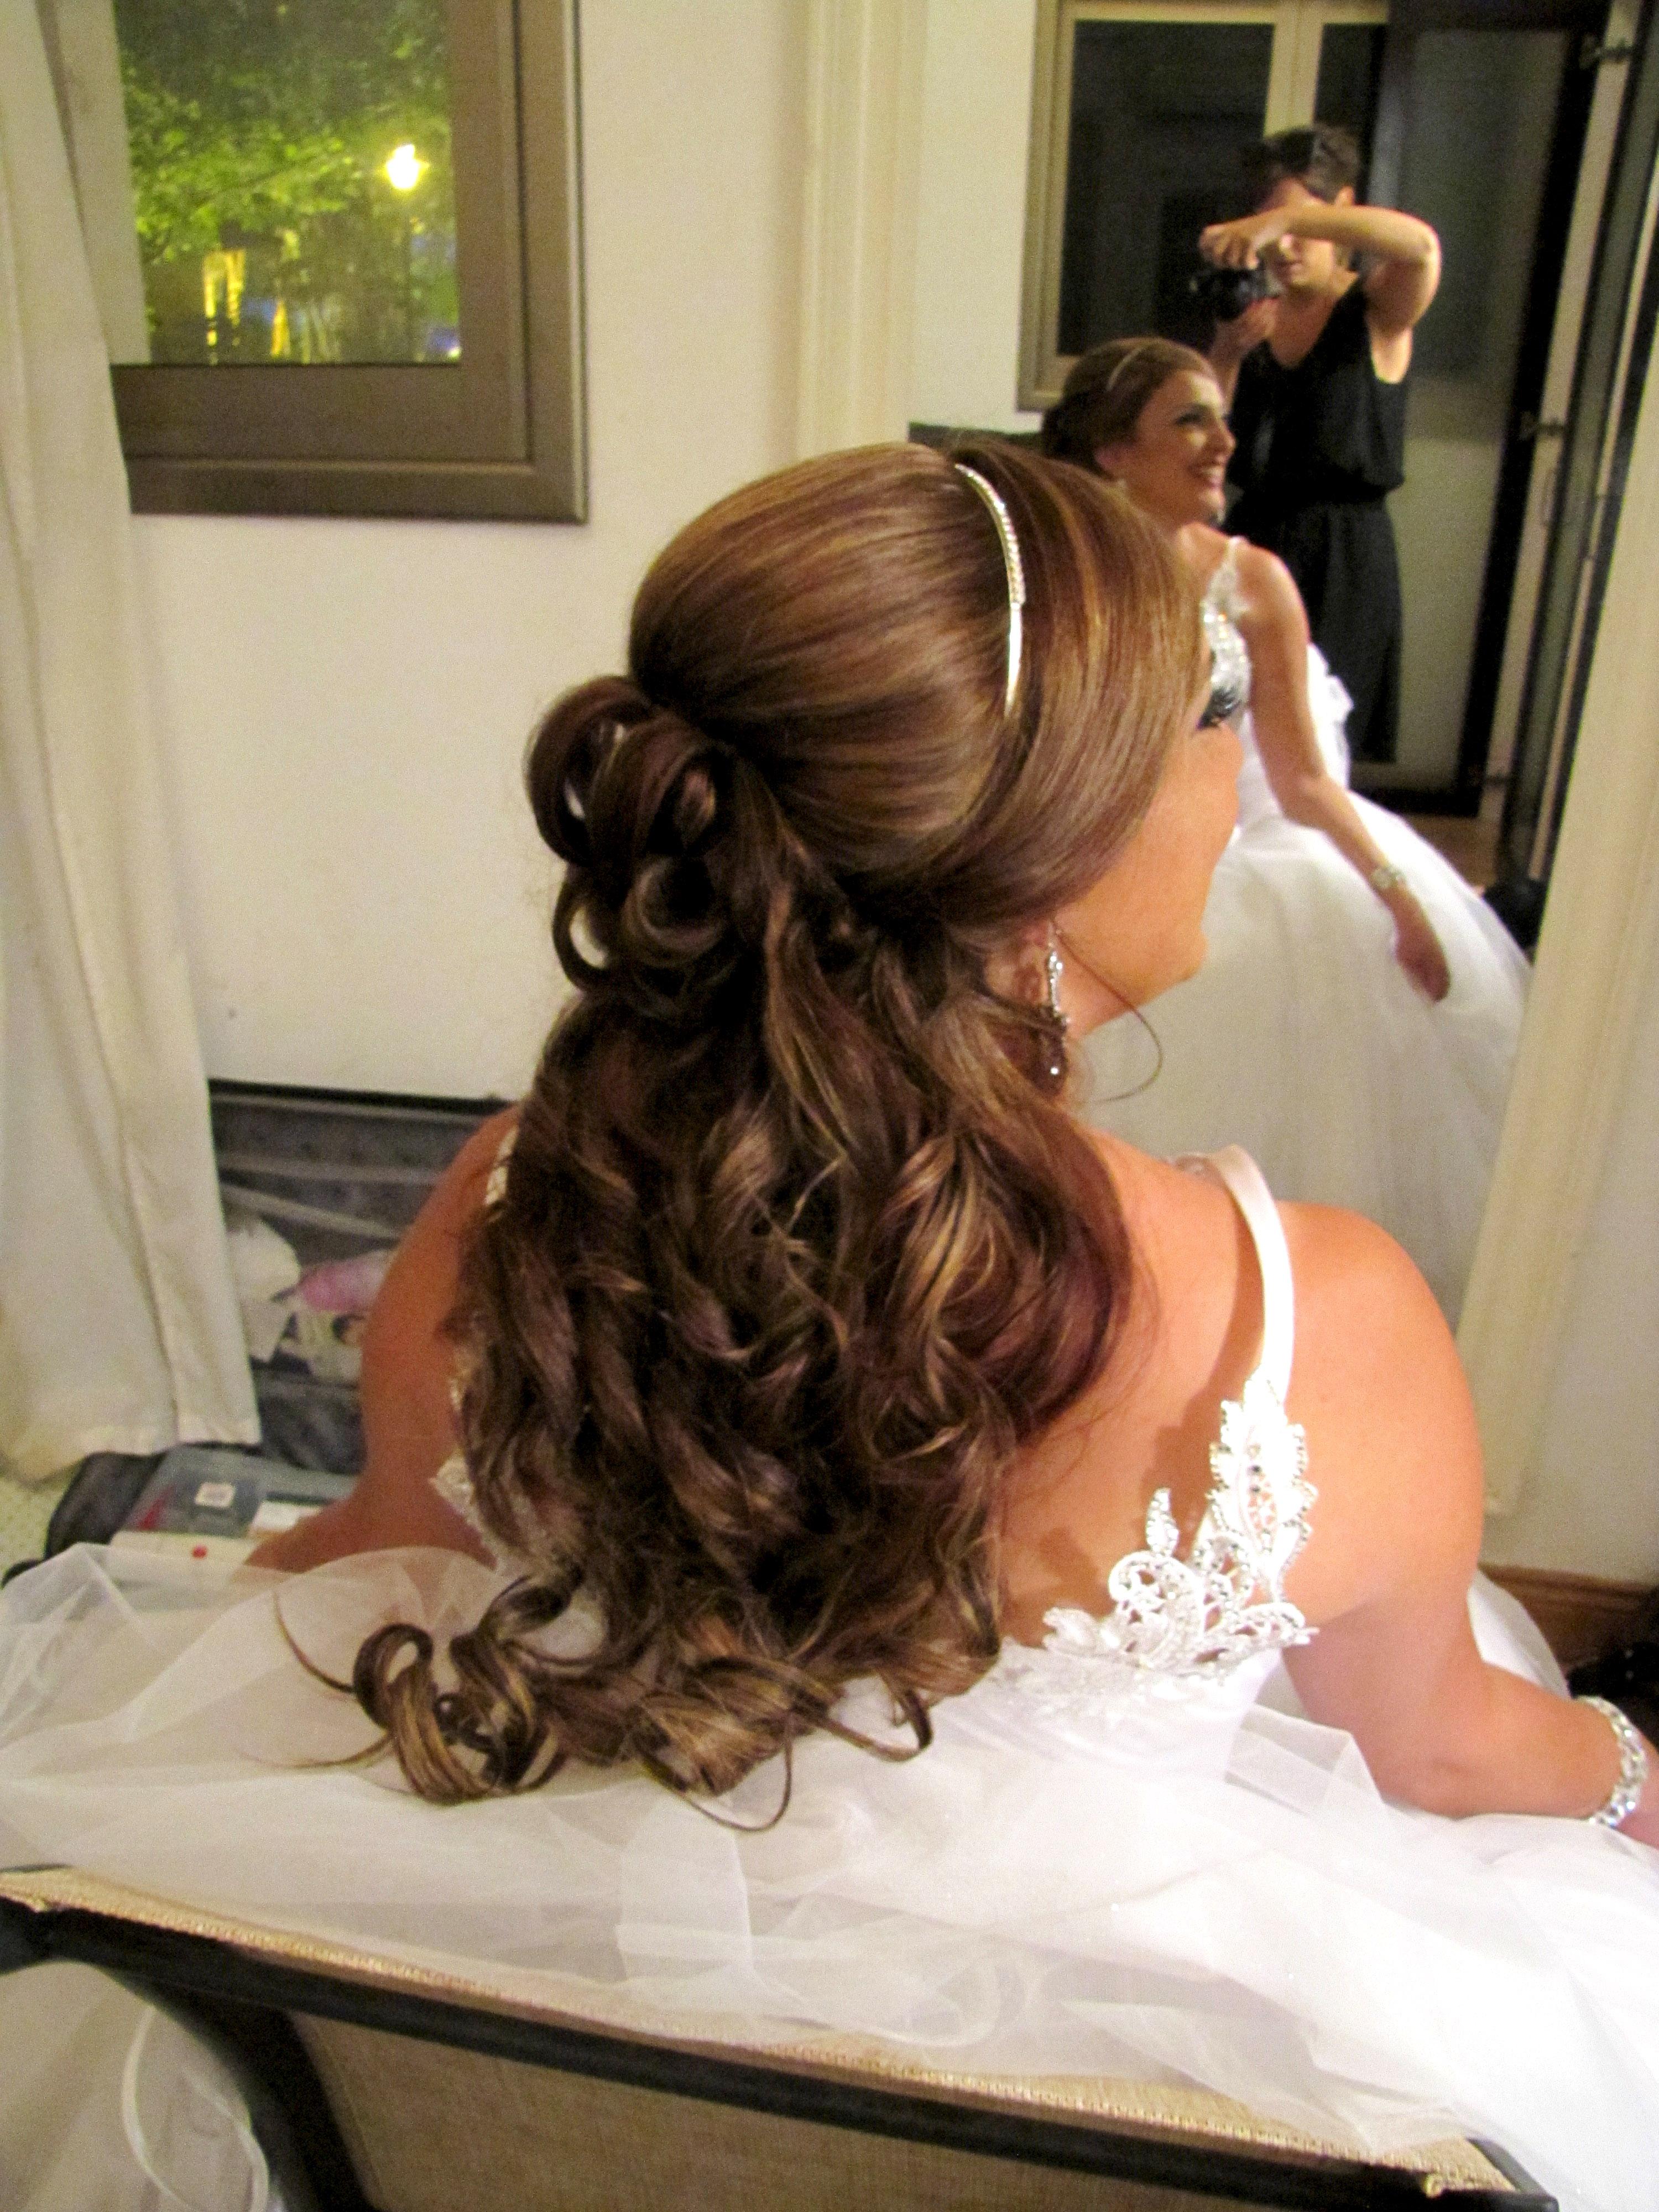 איפור כלות מקצועי ועיצוב שיער לאורלי.